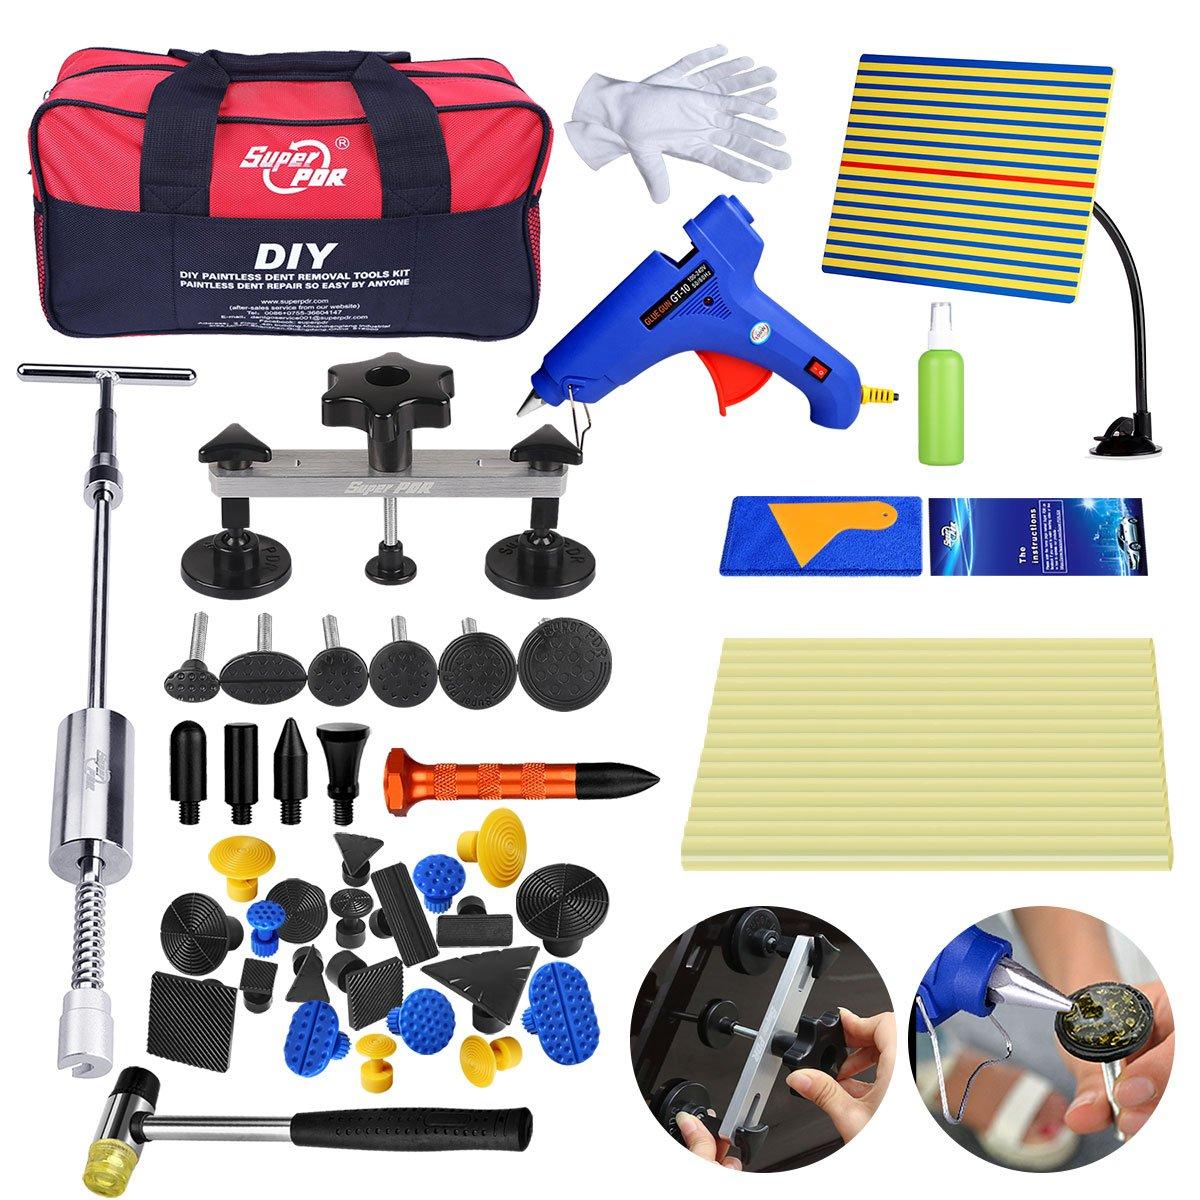 Dent Repair Tools Kit Pdr Tool for Car Body Dent Repair (PB-20)